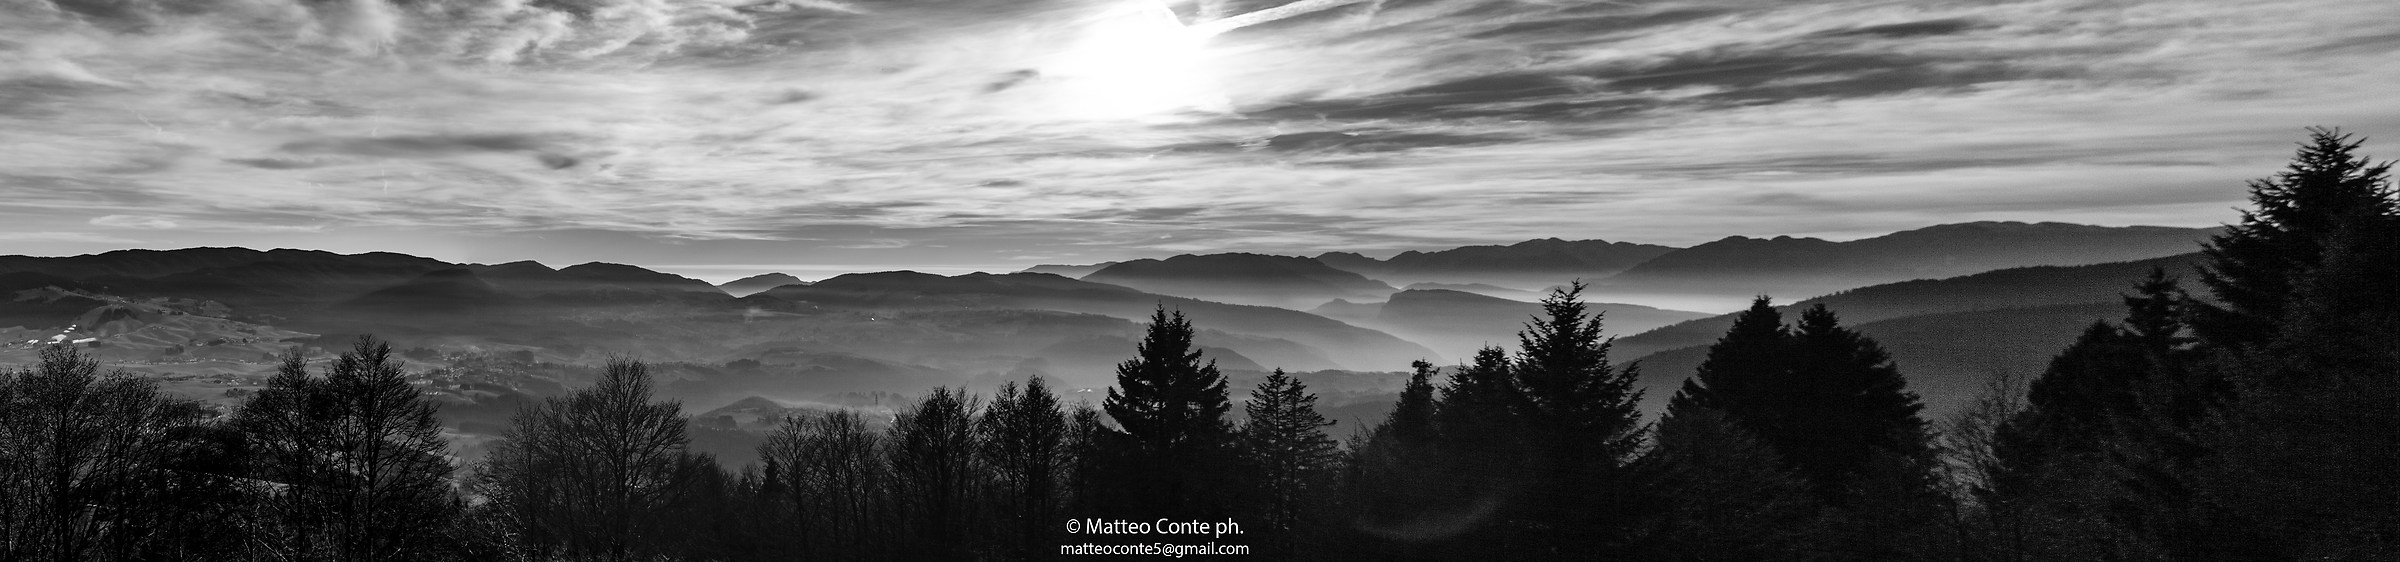 Fog on the plateau. Asiago...